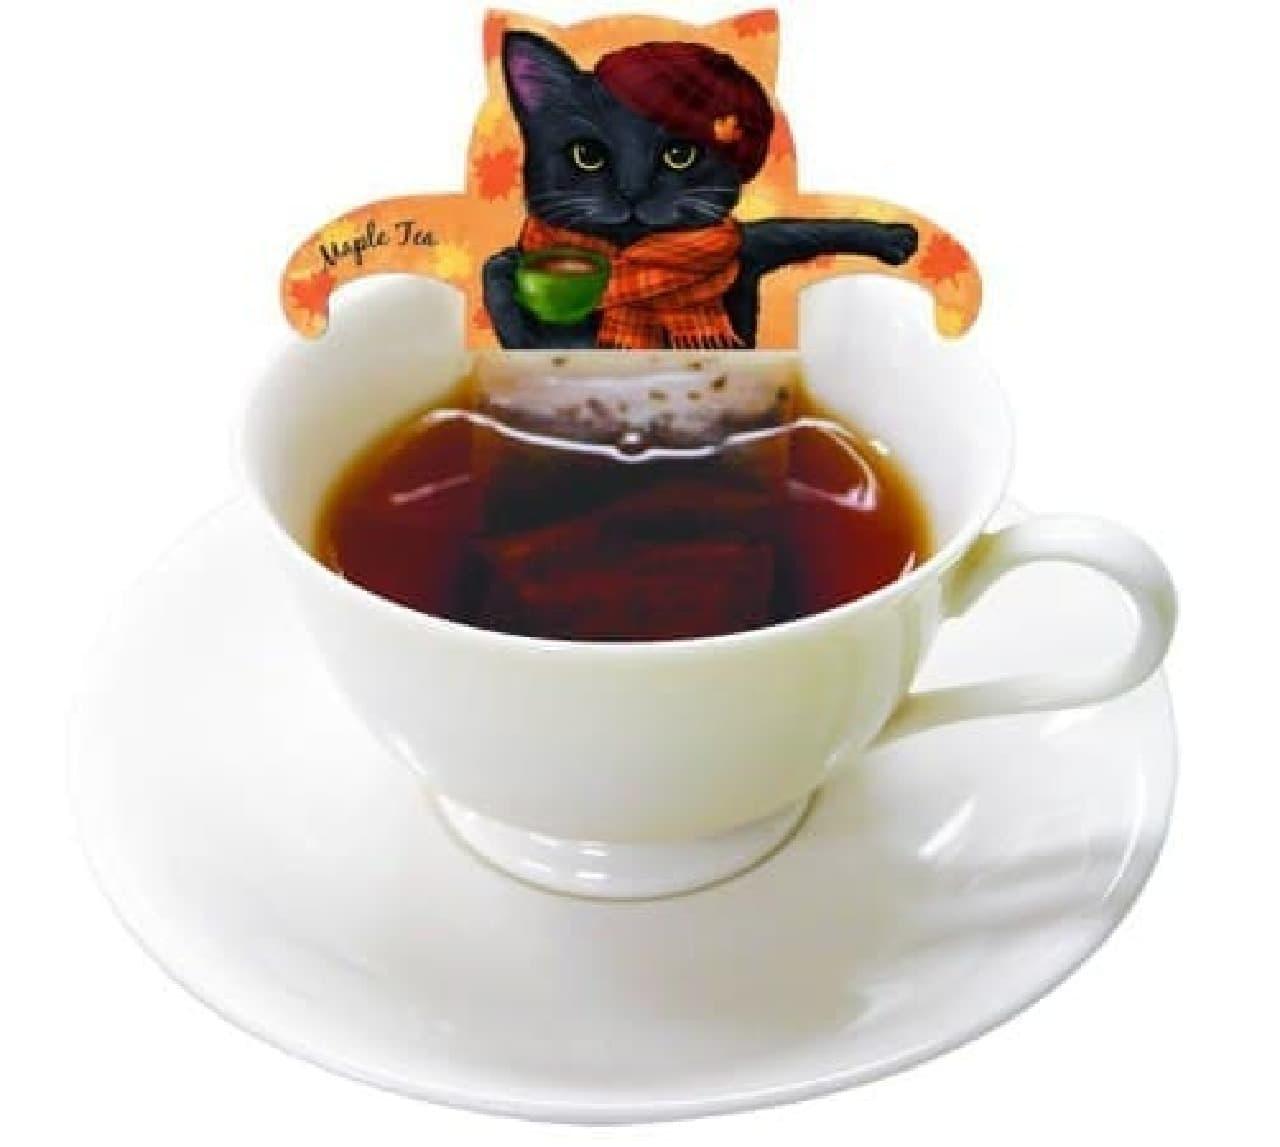 ネコ形紅茶ティーバッグ「キャットカフェ」